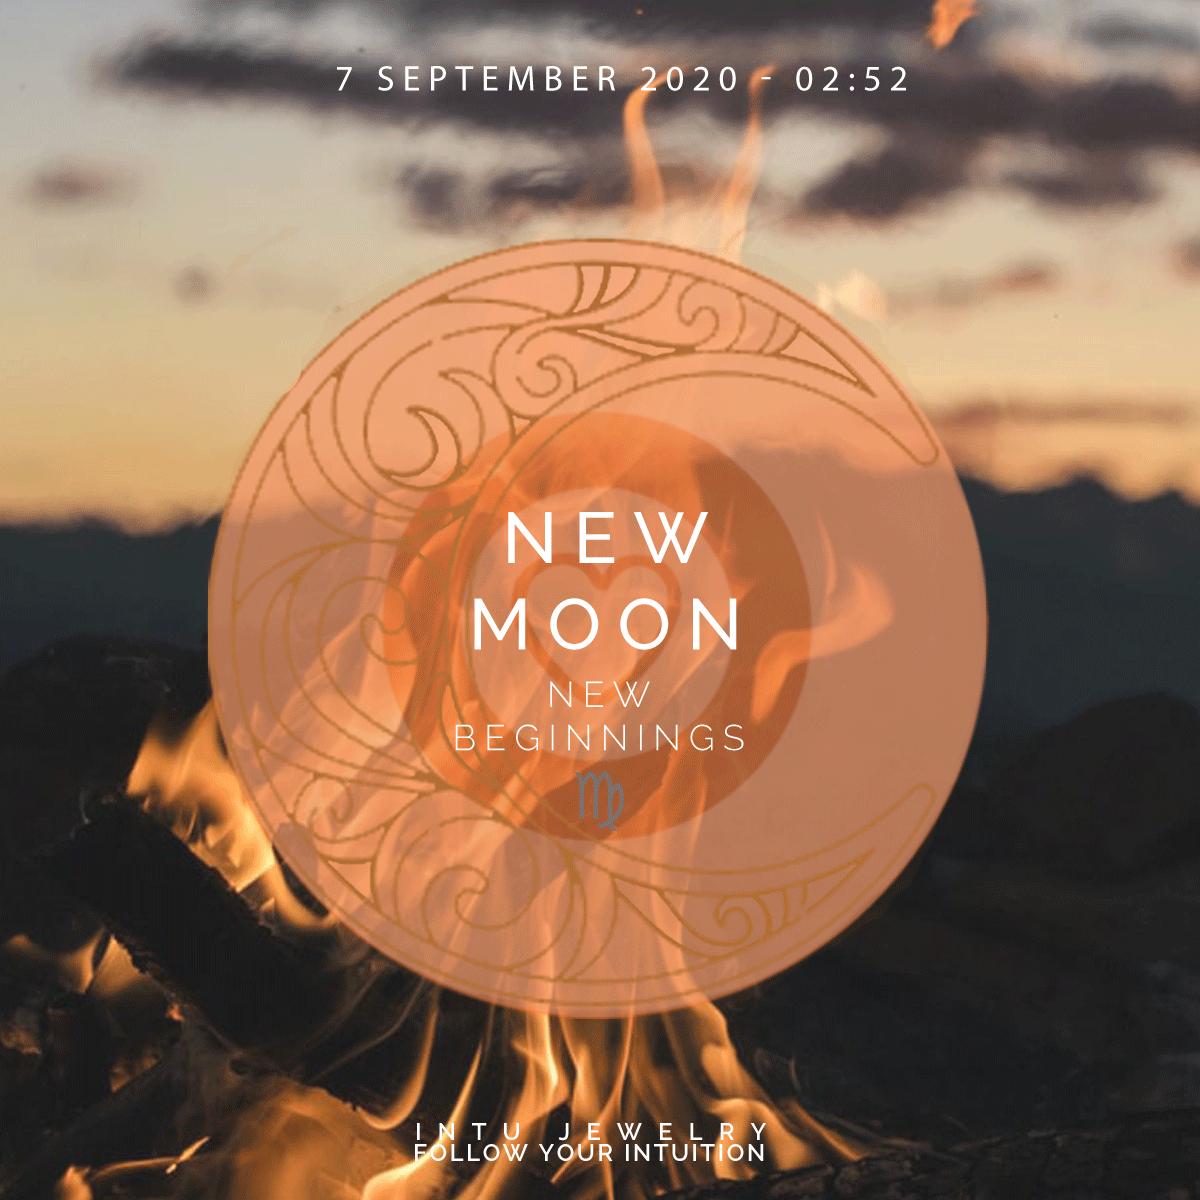 de betekenis van de nieuwe maan van 7 september 2021